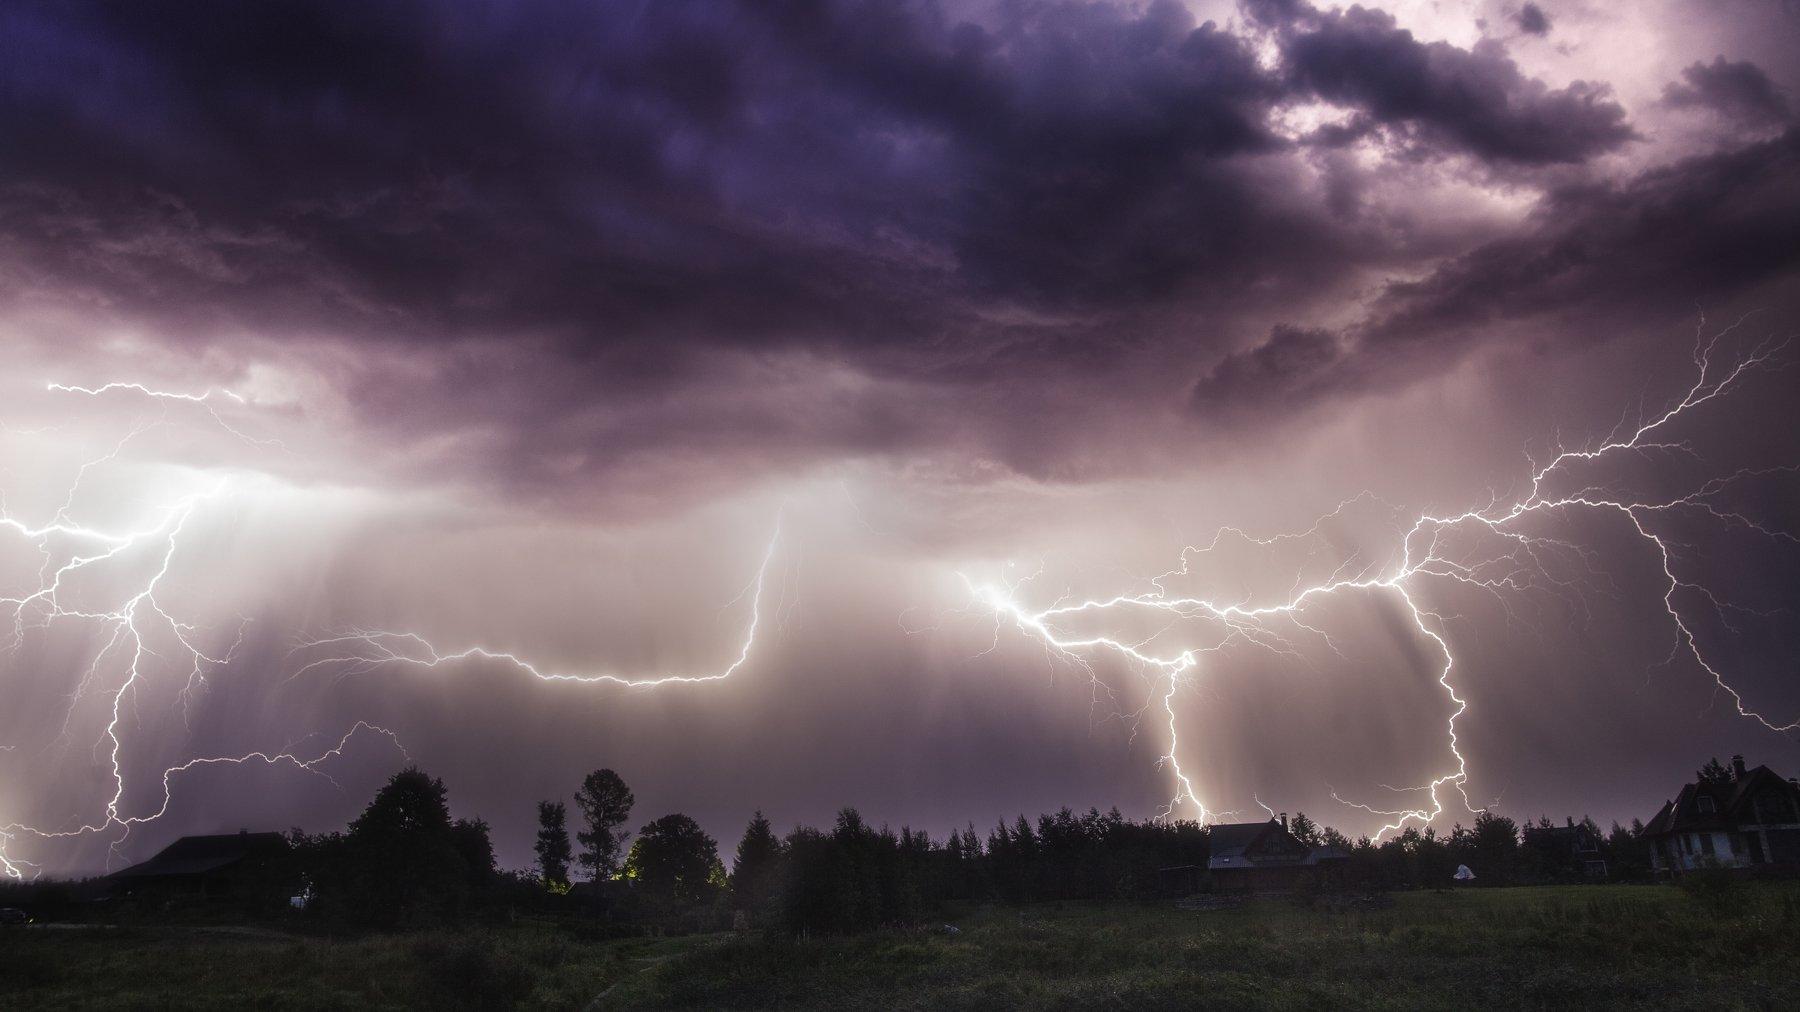 ночь молния тучи облака гроза лето дождь ливень, Столыпин Юрий